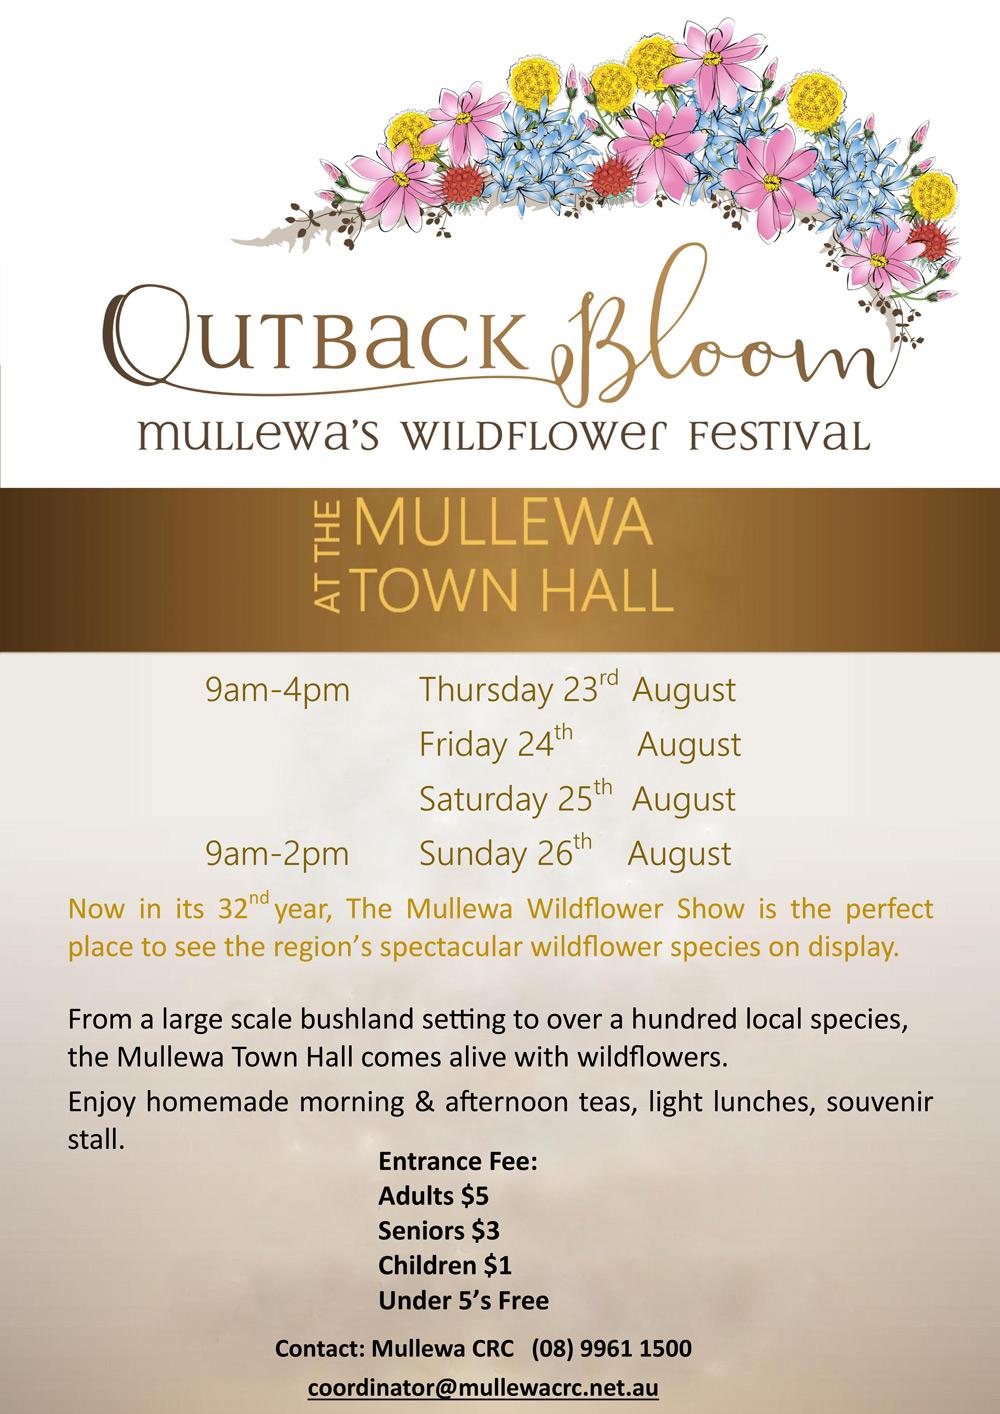 Mullewa-Wildflower-Show-Flyer.jpg